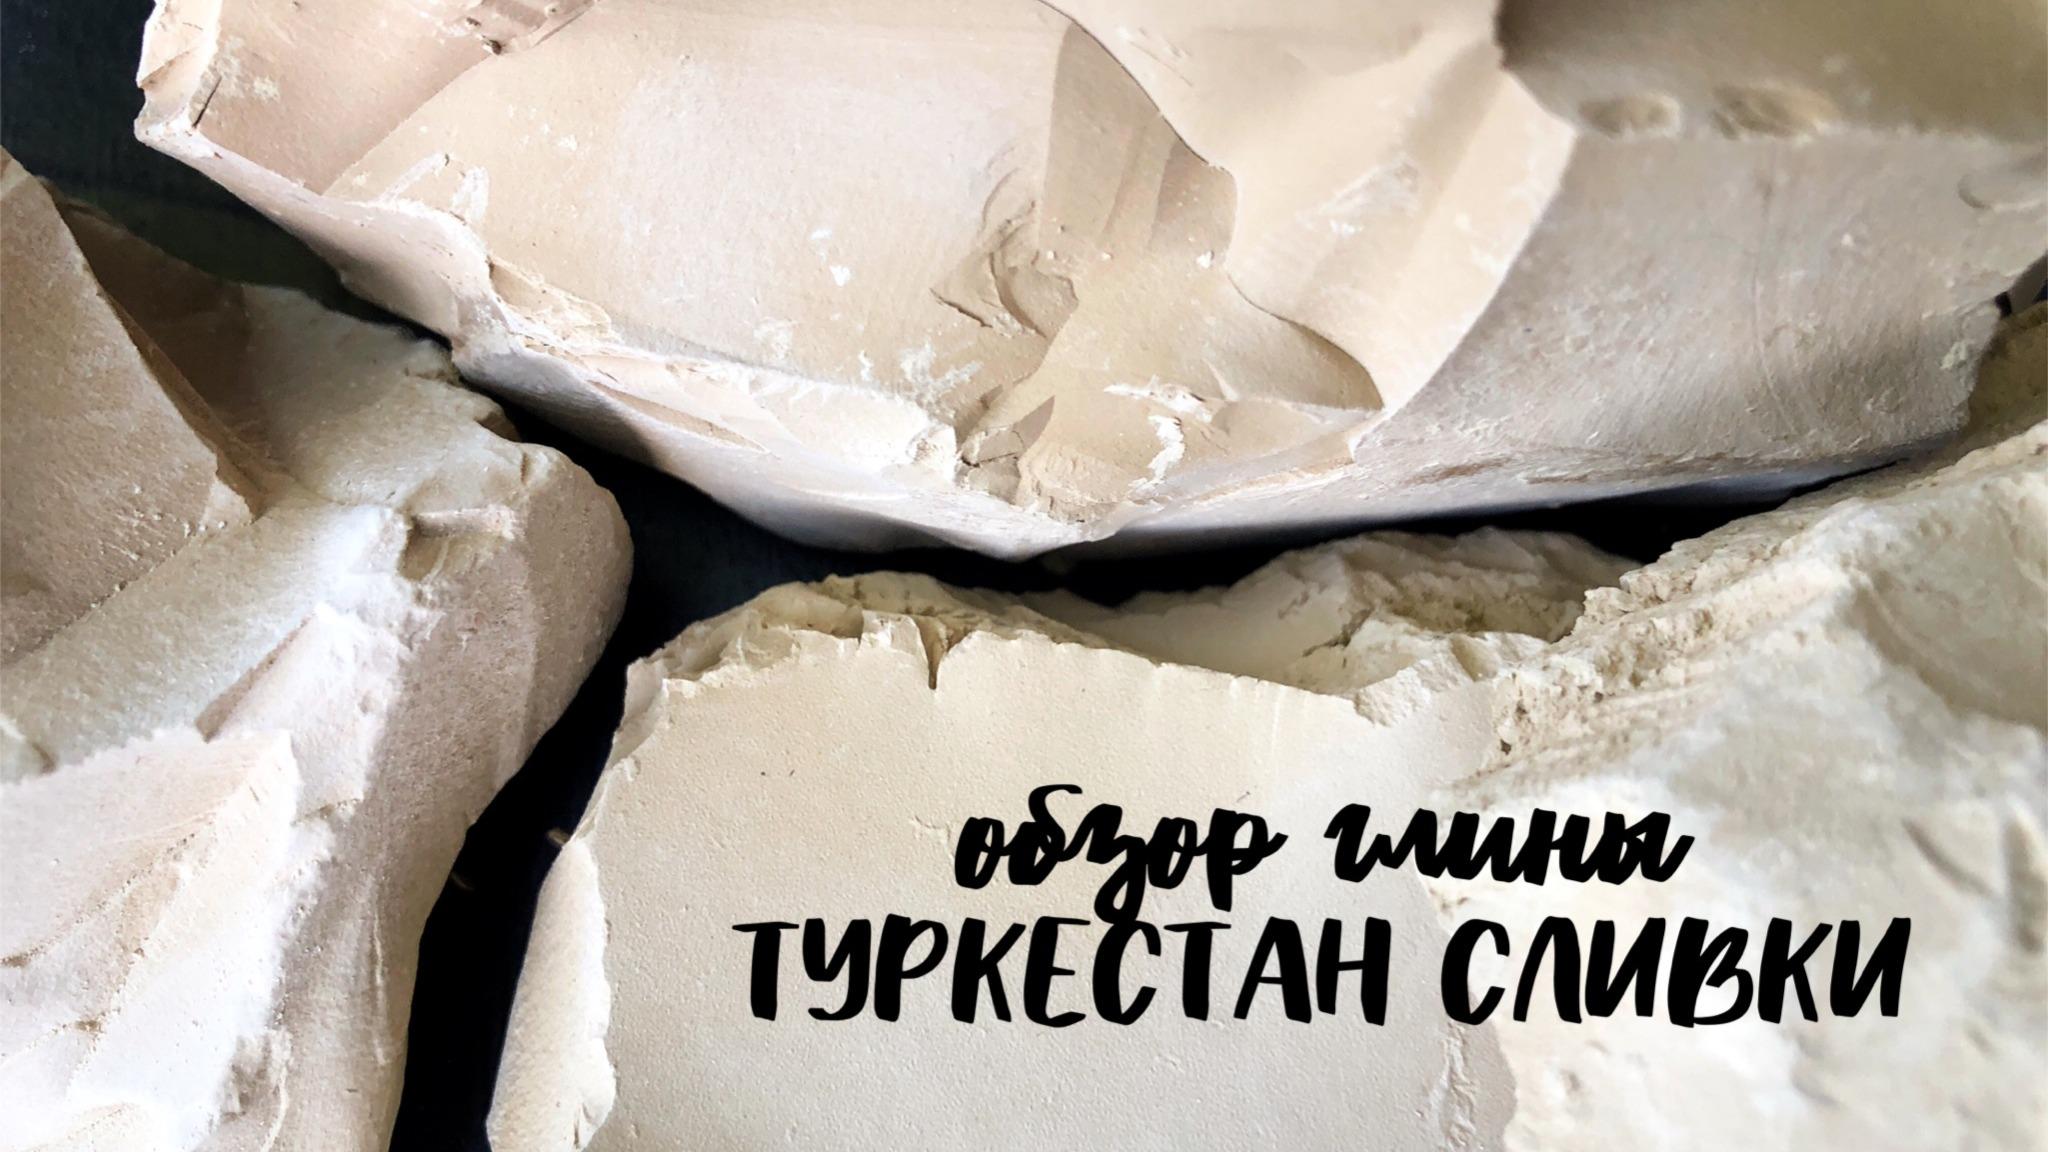 Глина Туркестан сливки: подробное описание сорта